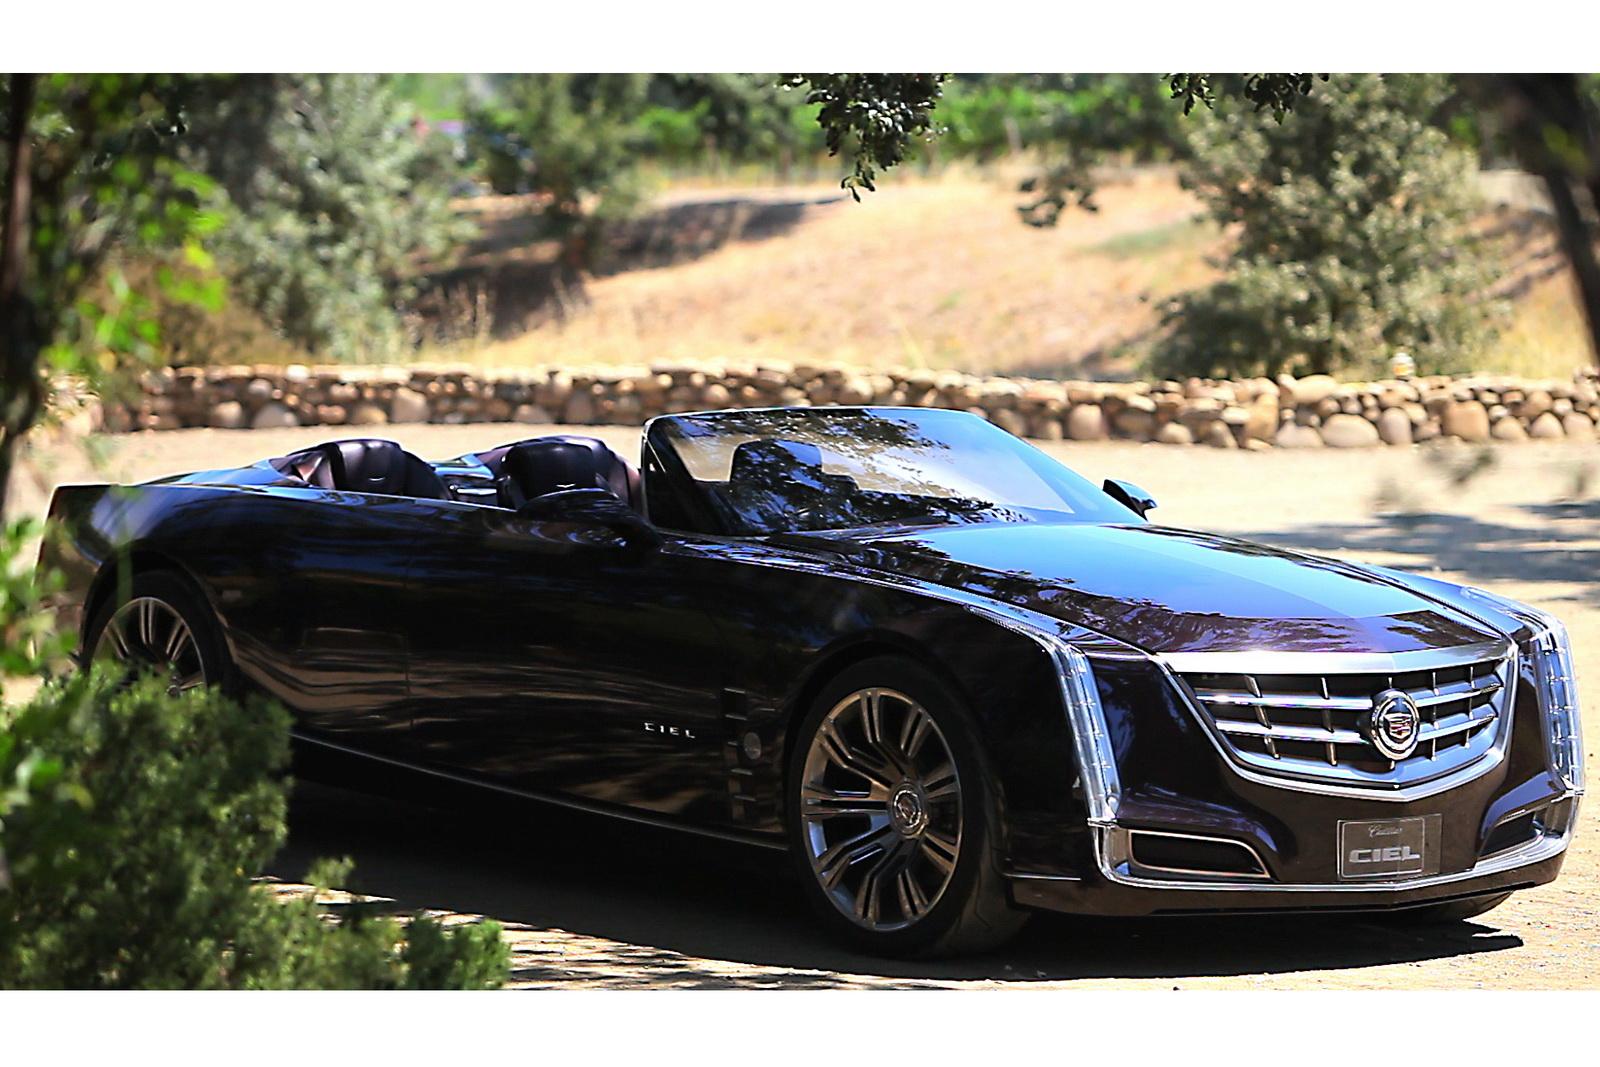 2011 cadillac ciel 4 door convertible concept auto car best car news and reviews